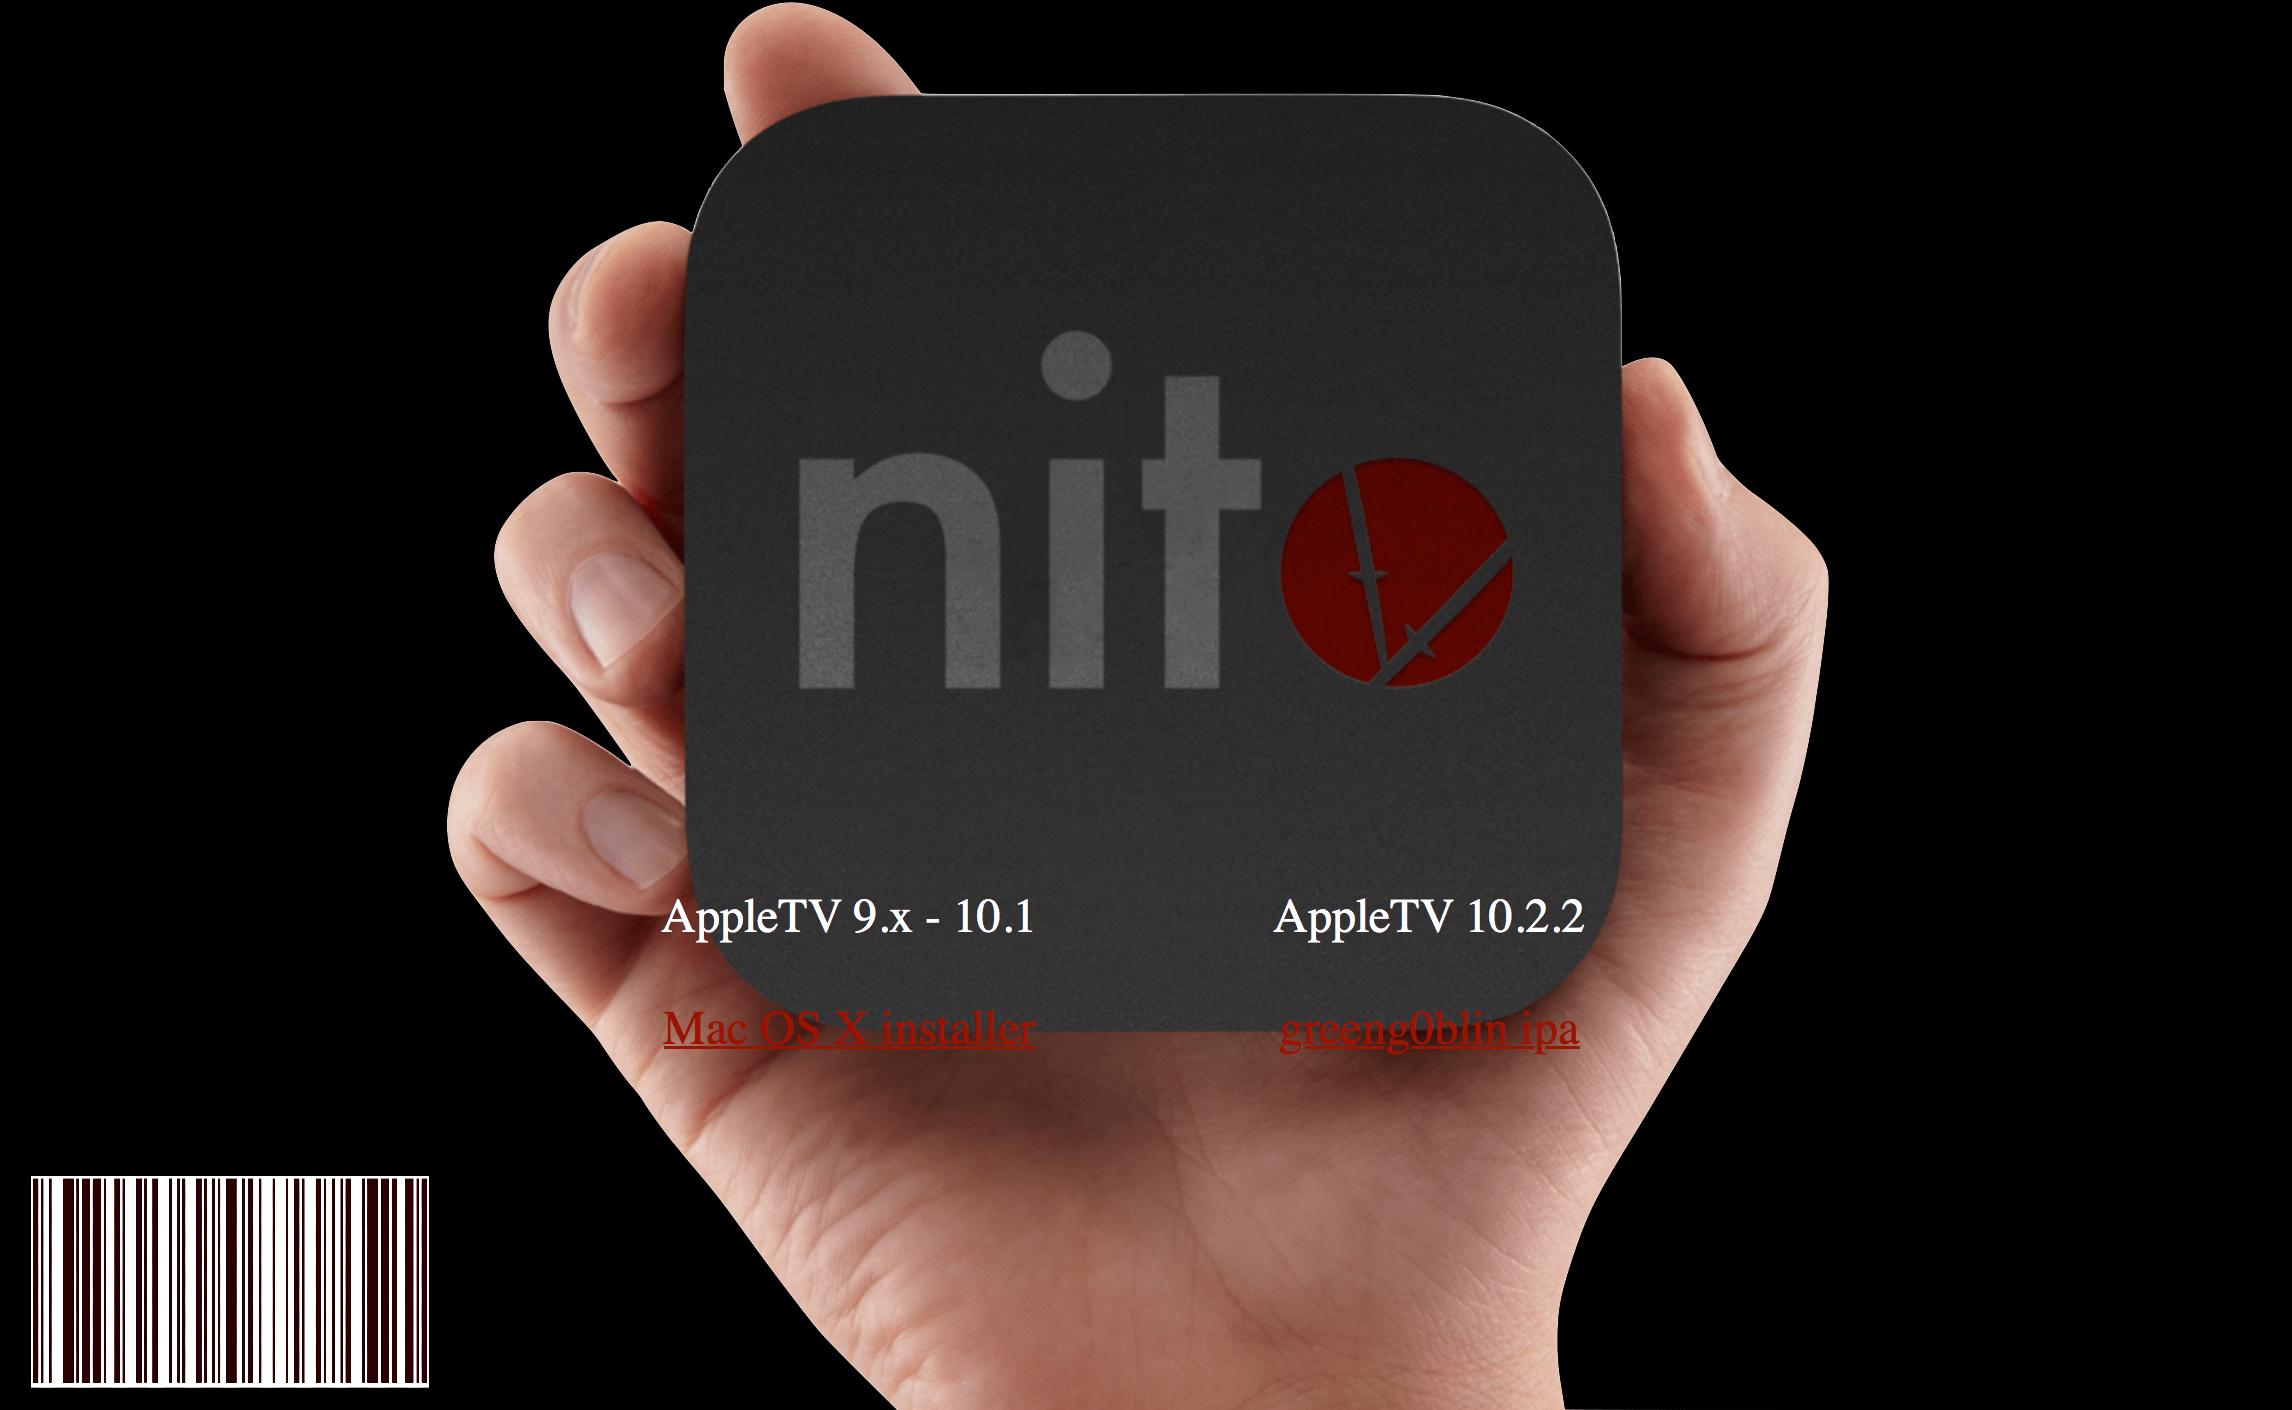 nitoTV تطلق جيلبريك للجيل الرابع و 4 K Apple TV مع tvOS 10.2.2